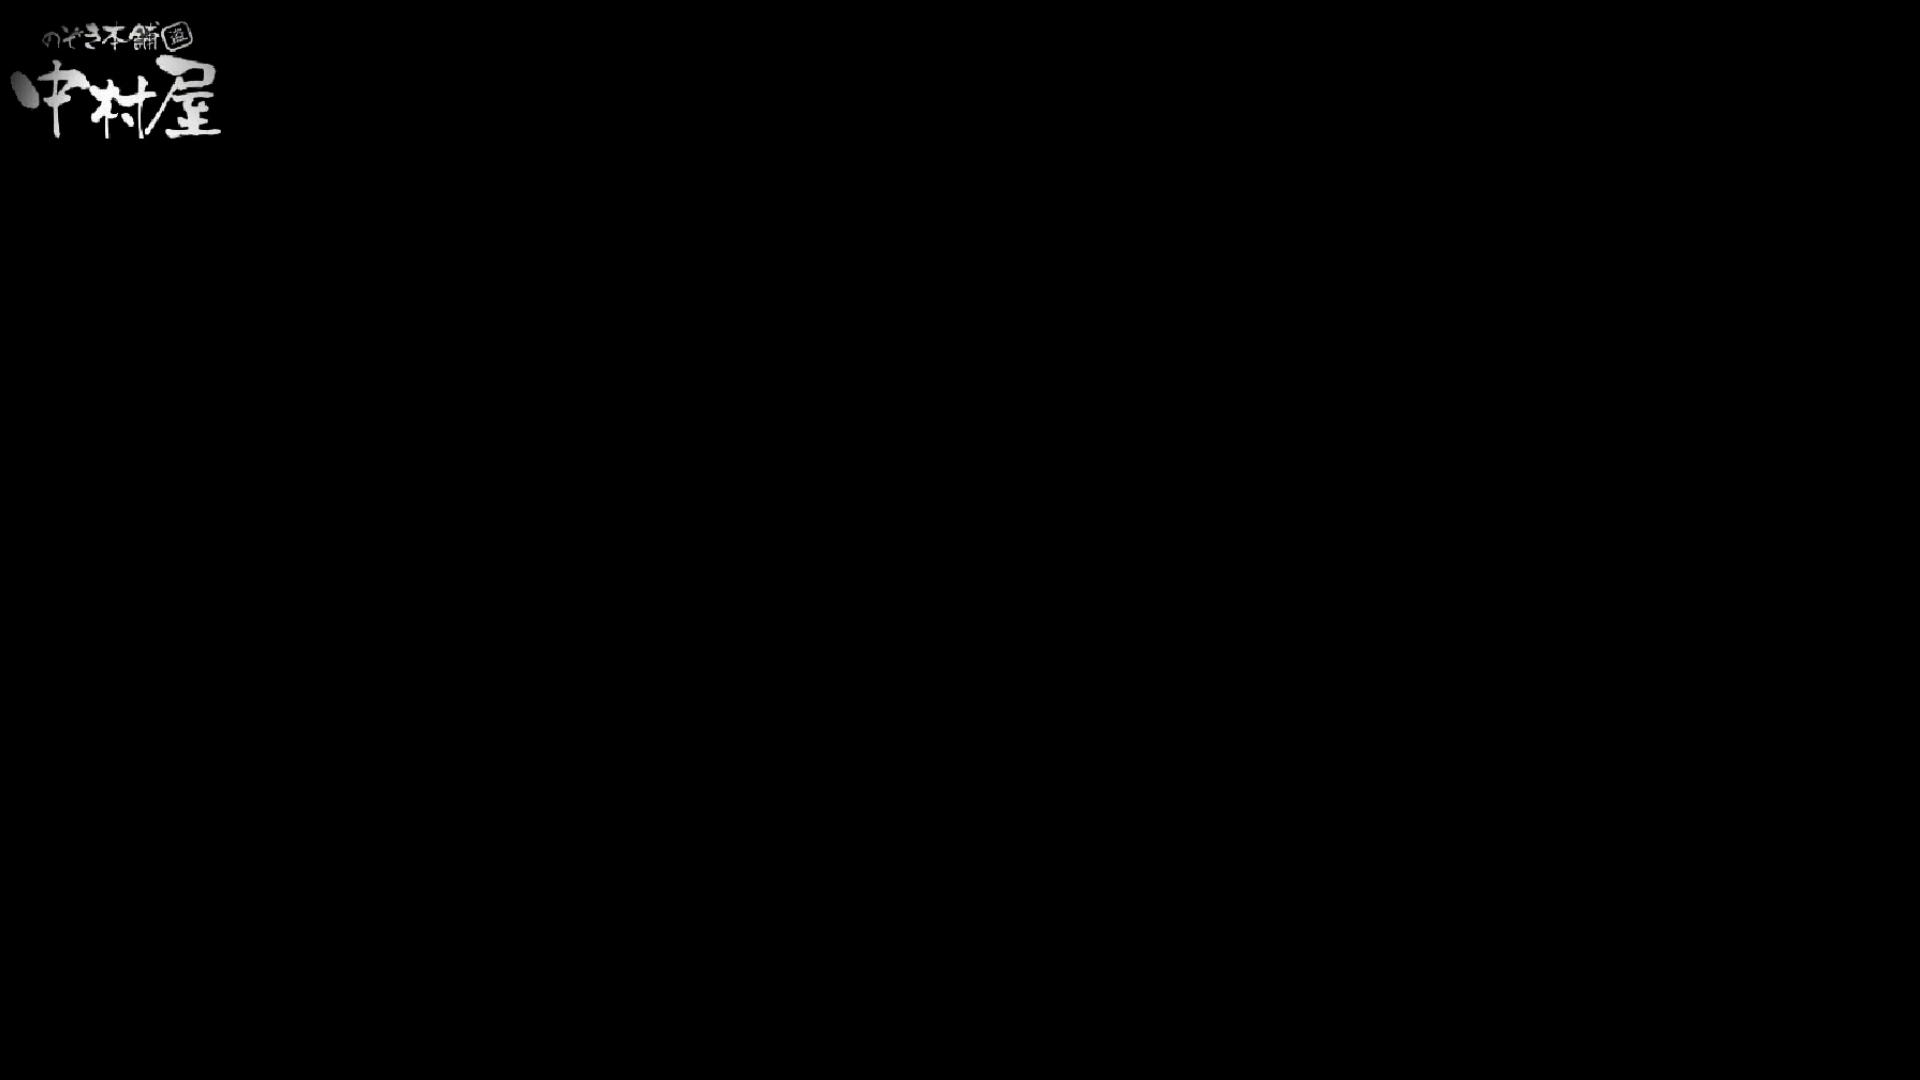 雅さんが厳選新年特別コンテンツ!激走!東京マラソン選手専用女子トイレvol.9 お尻 のぞき動画キャプチャ 105PIX 103